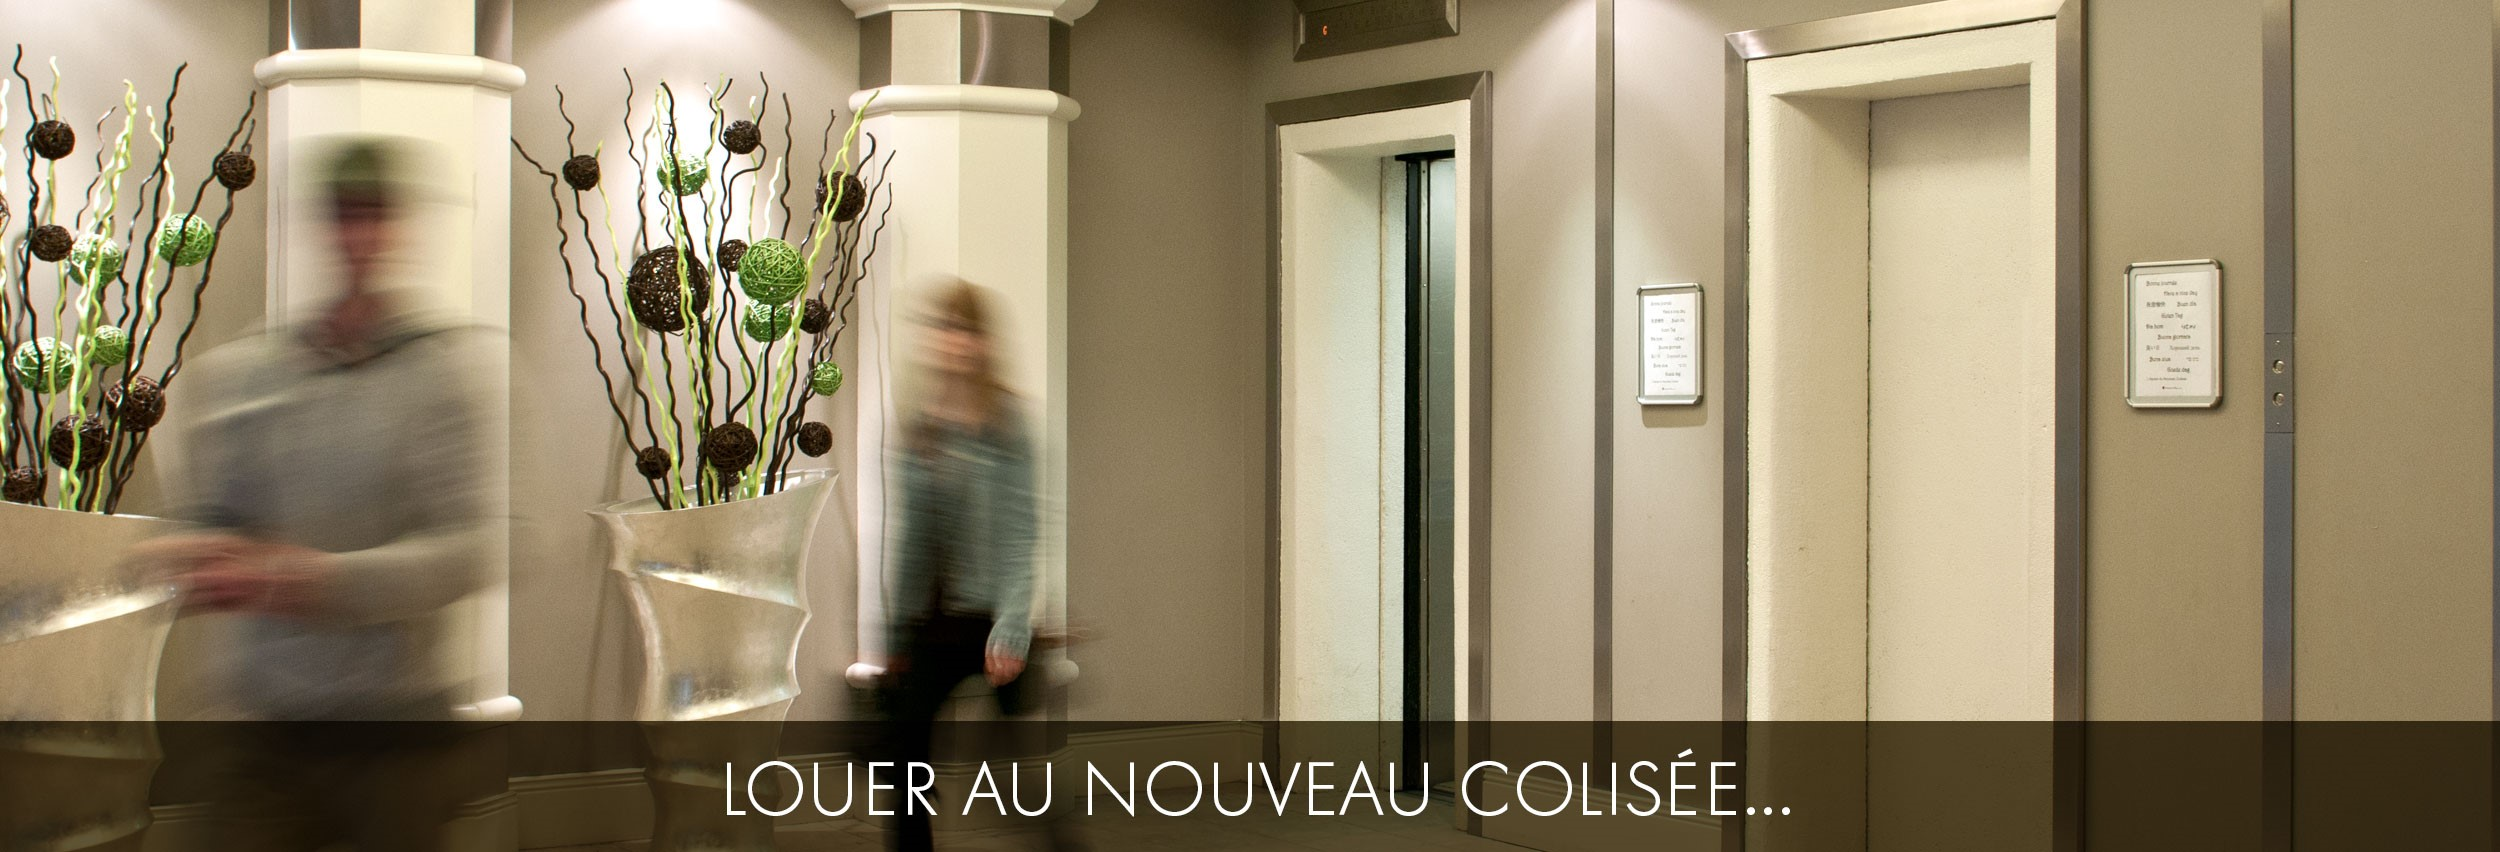 Appartement Studio / Bachelor a louer à Montréal (Centre-Ville) a Nouveau Colisee - Photo 01 - TrouveUnAppart – L23177